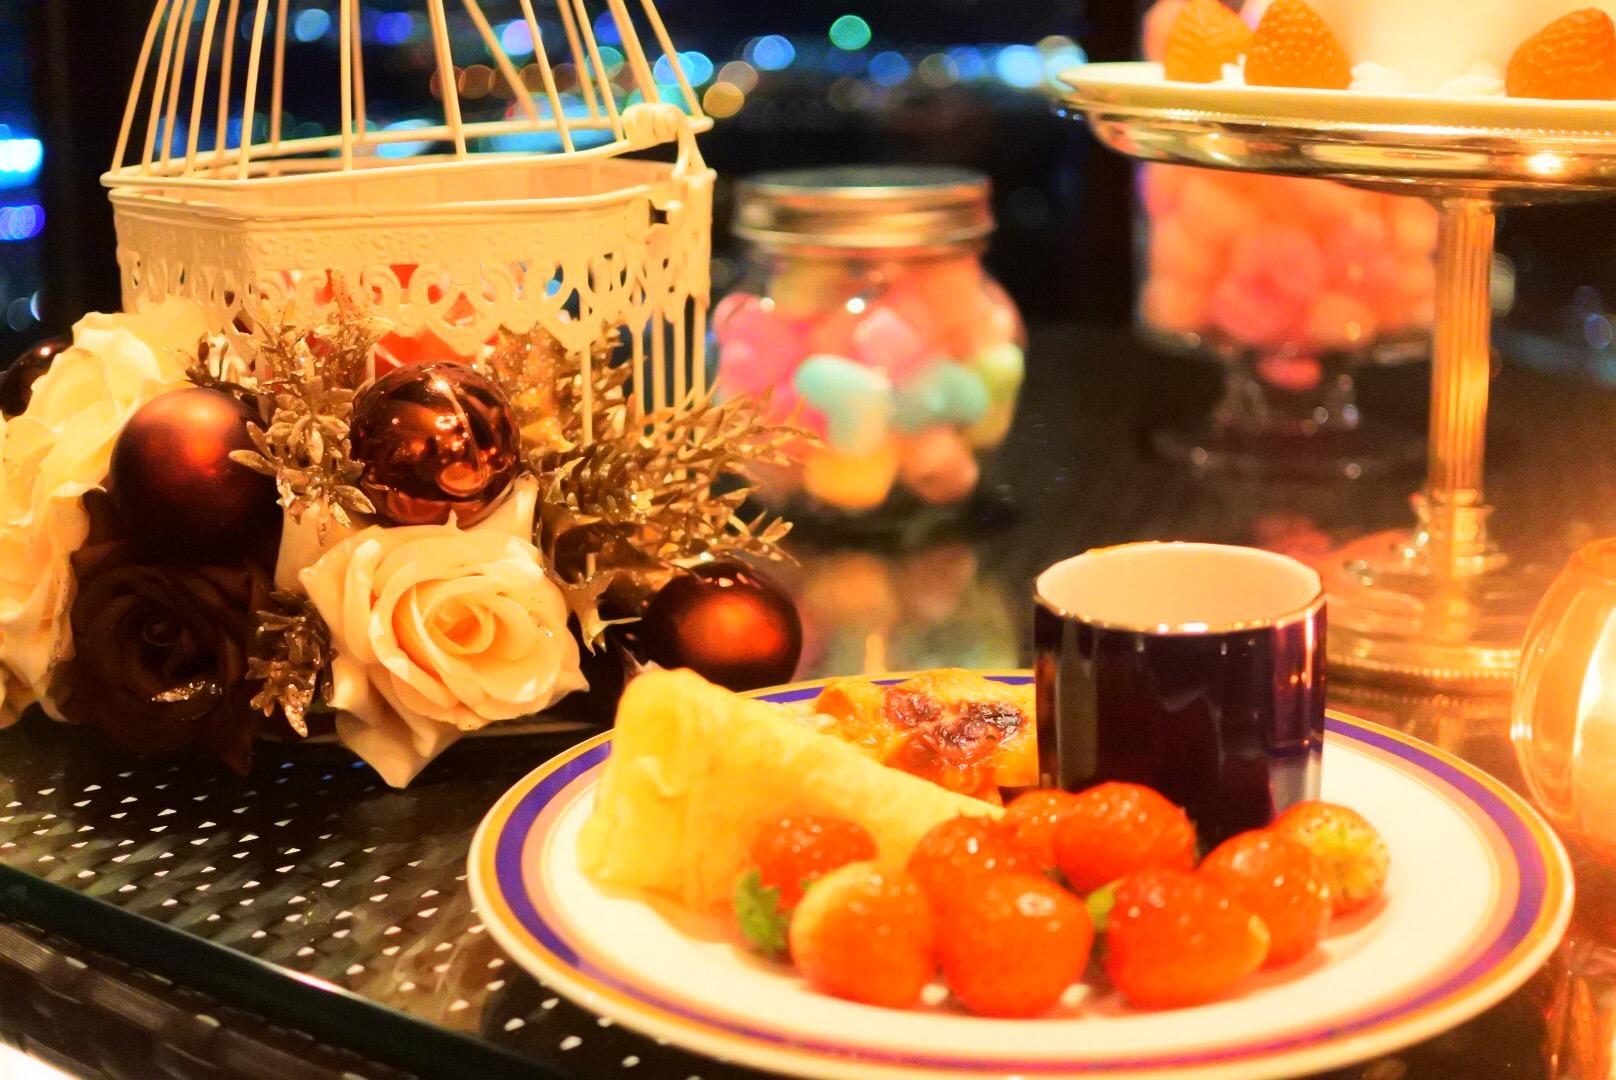 苺を食べ納め!新横浜プリンスホテル・ストロベリースイーツスカイパーティ